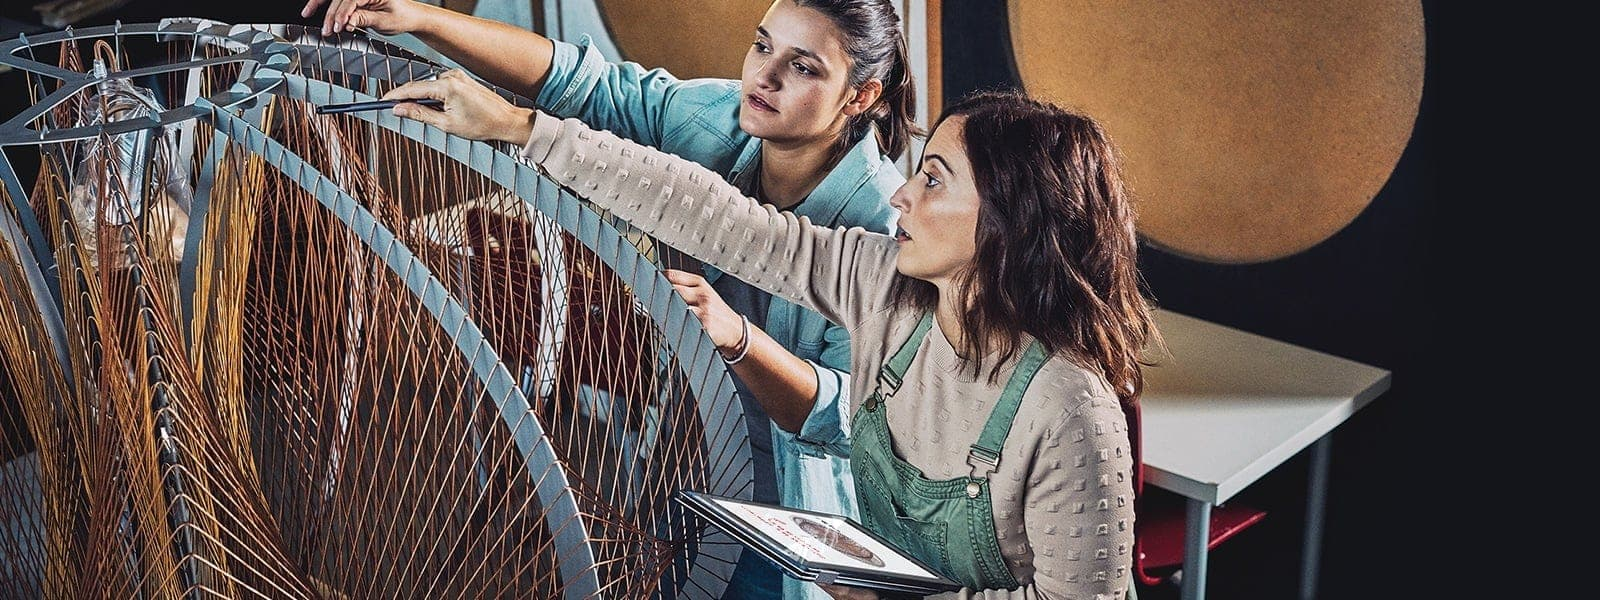 Dell デバイスを使用して、デジタル ベンで構造物をデザインする 2 人の女性